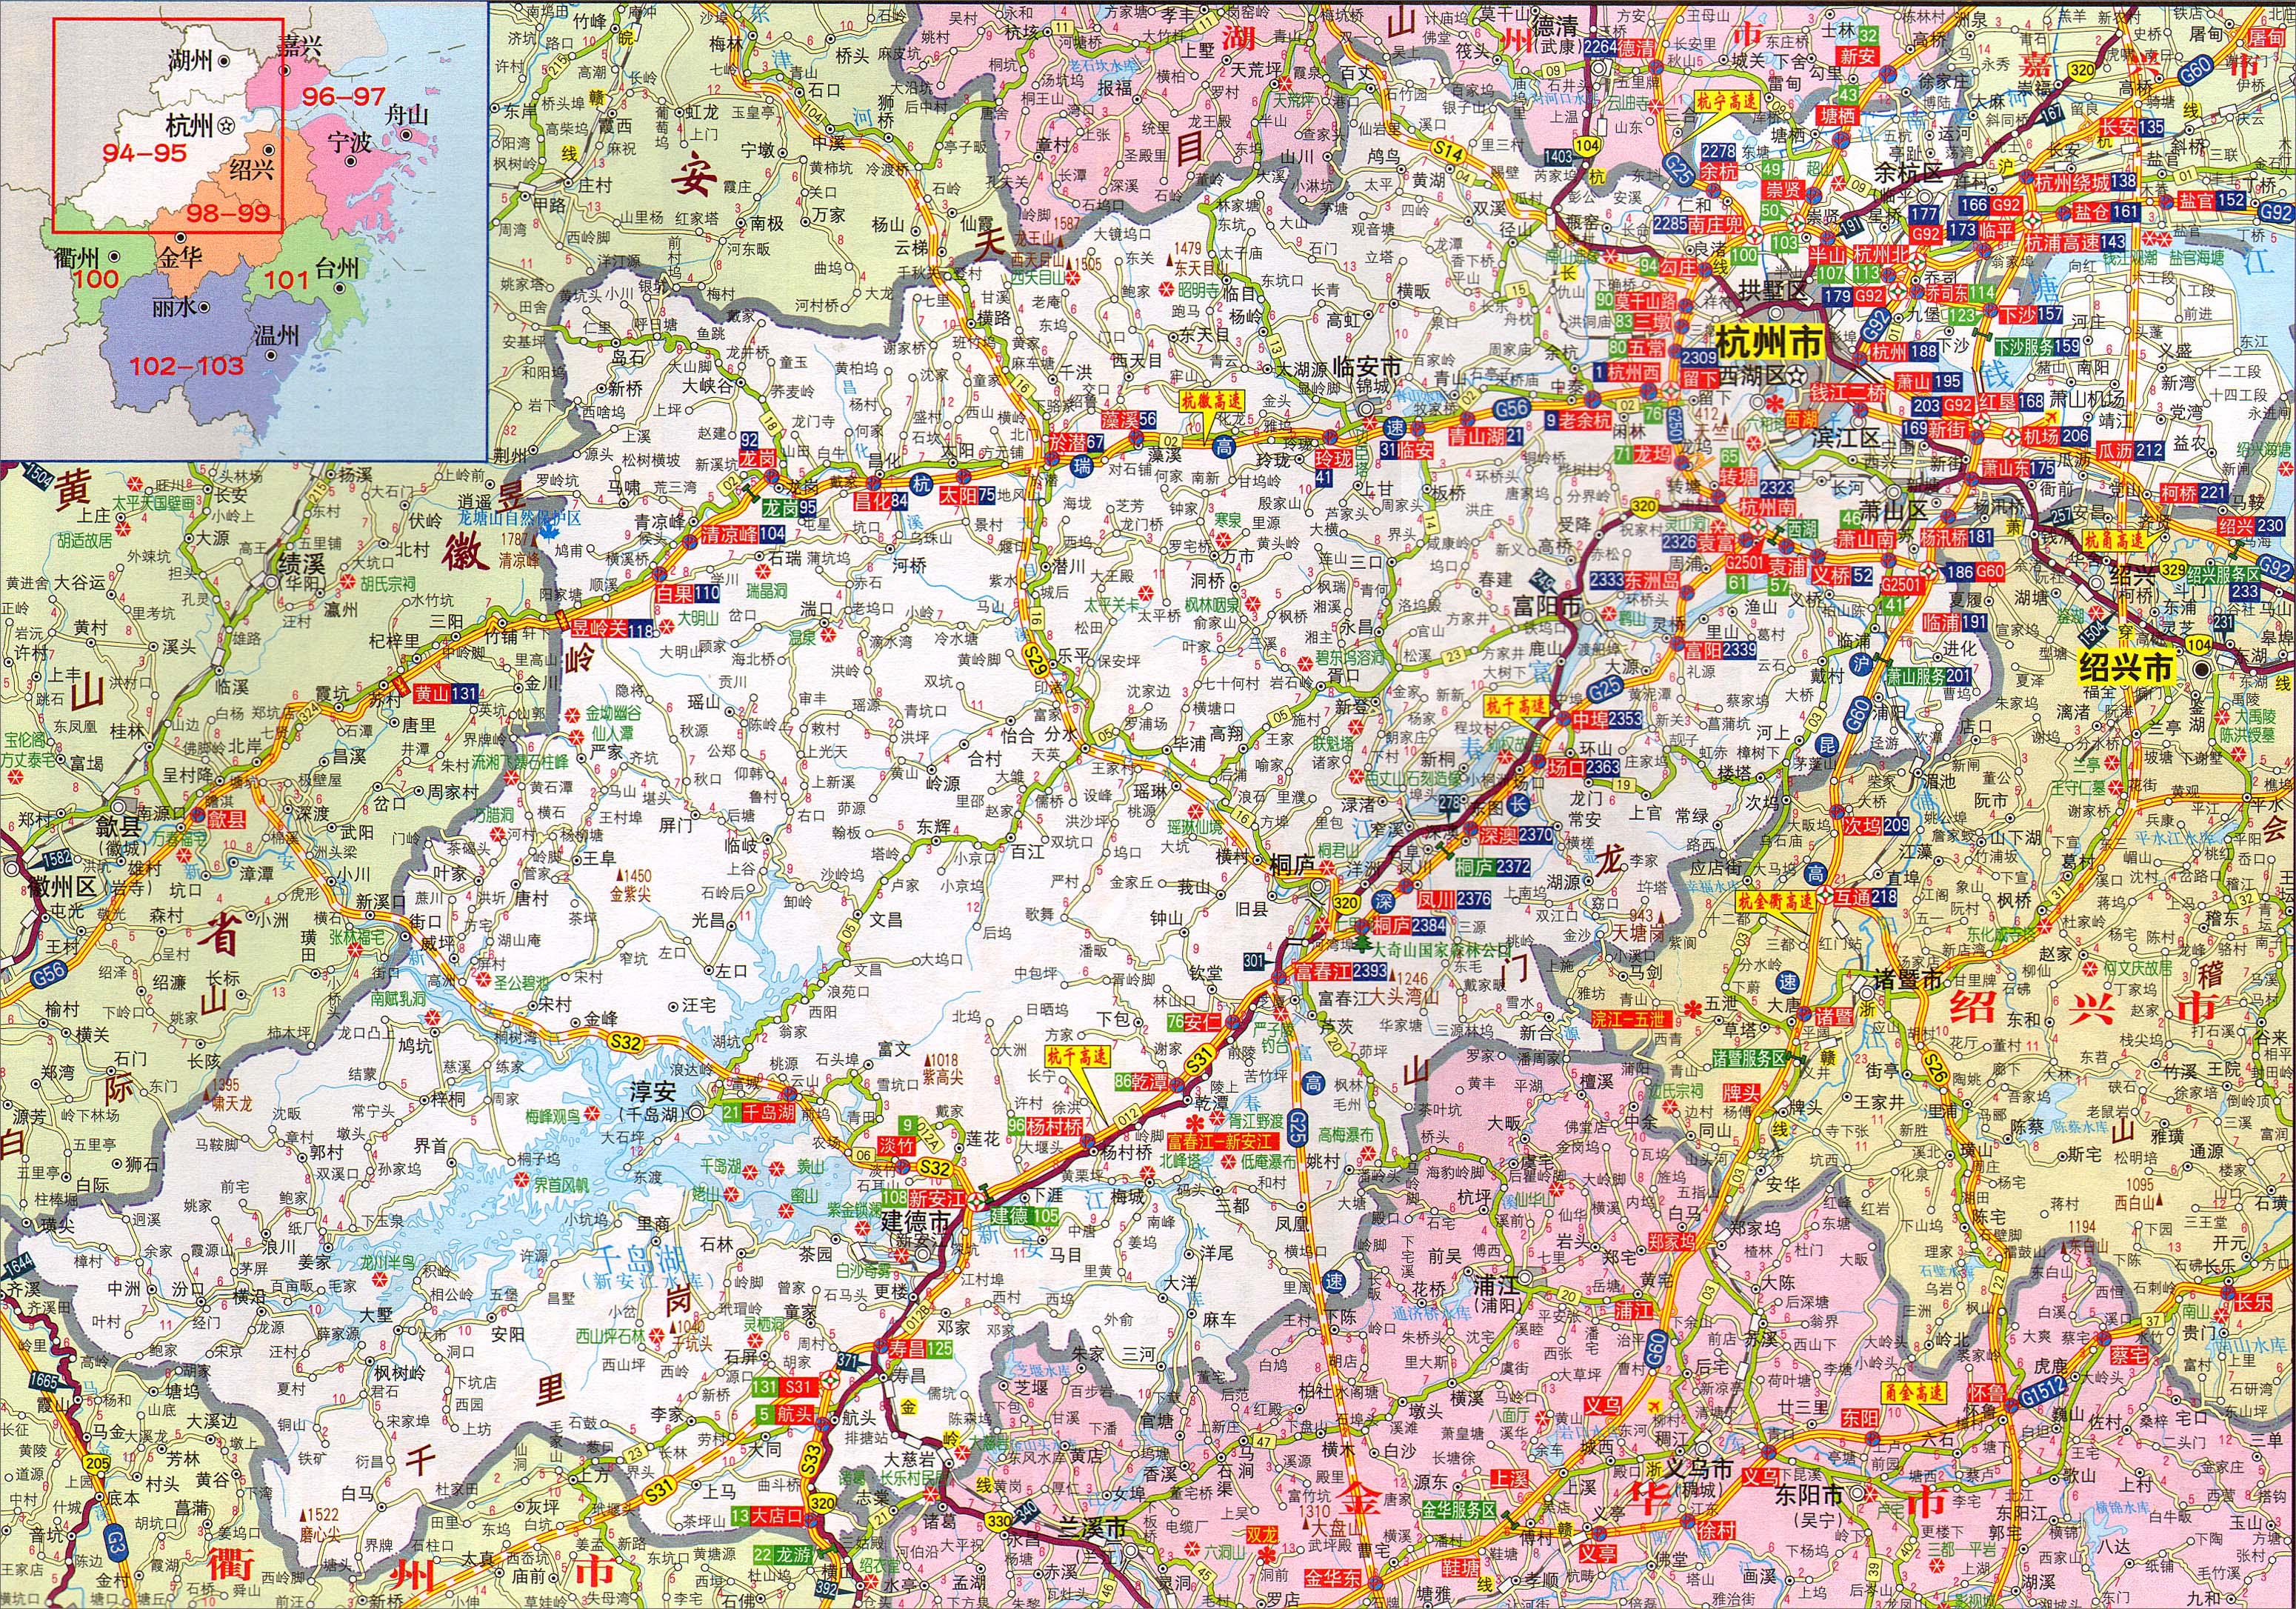 杭州高速公路地图2017版